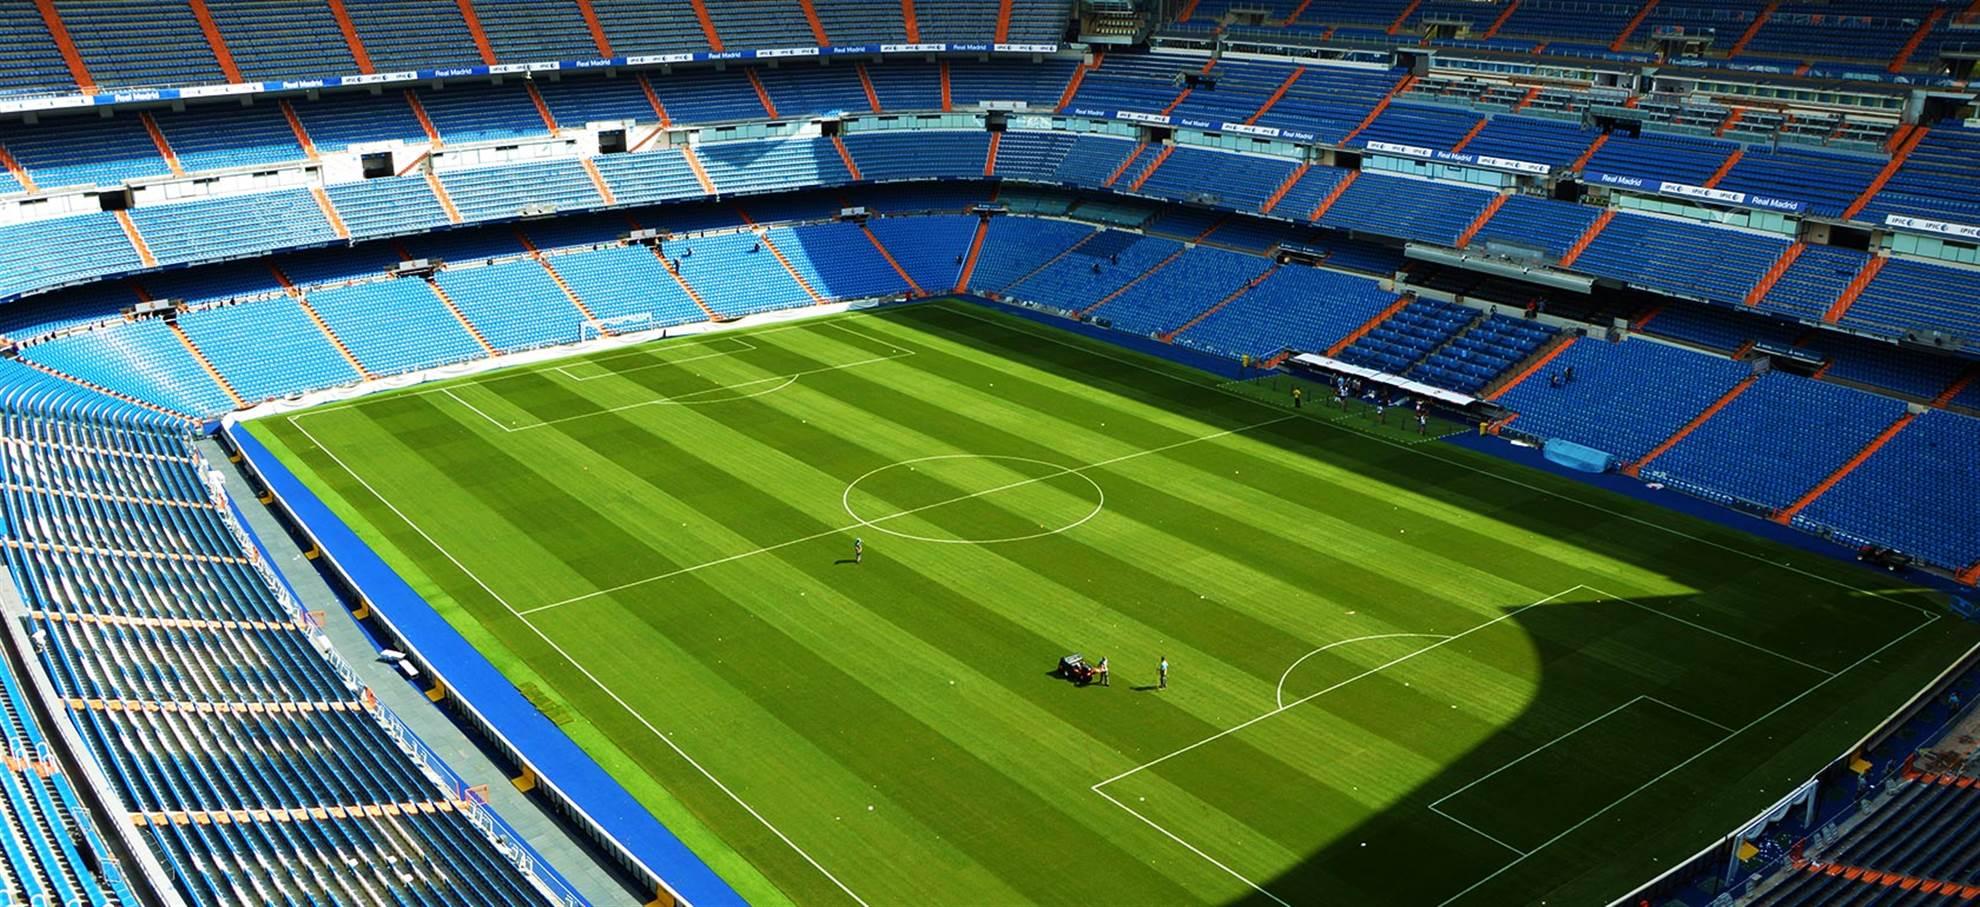 Тур по Стадиону Реал Мадрид (Опционально Аудиогид)